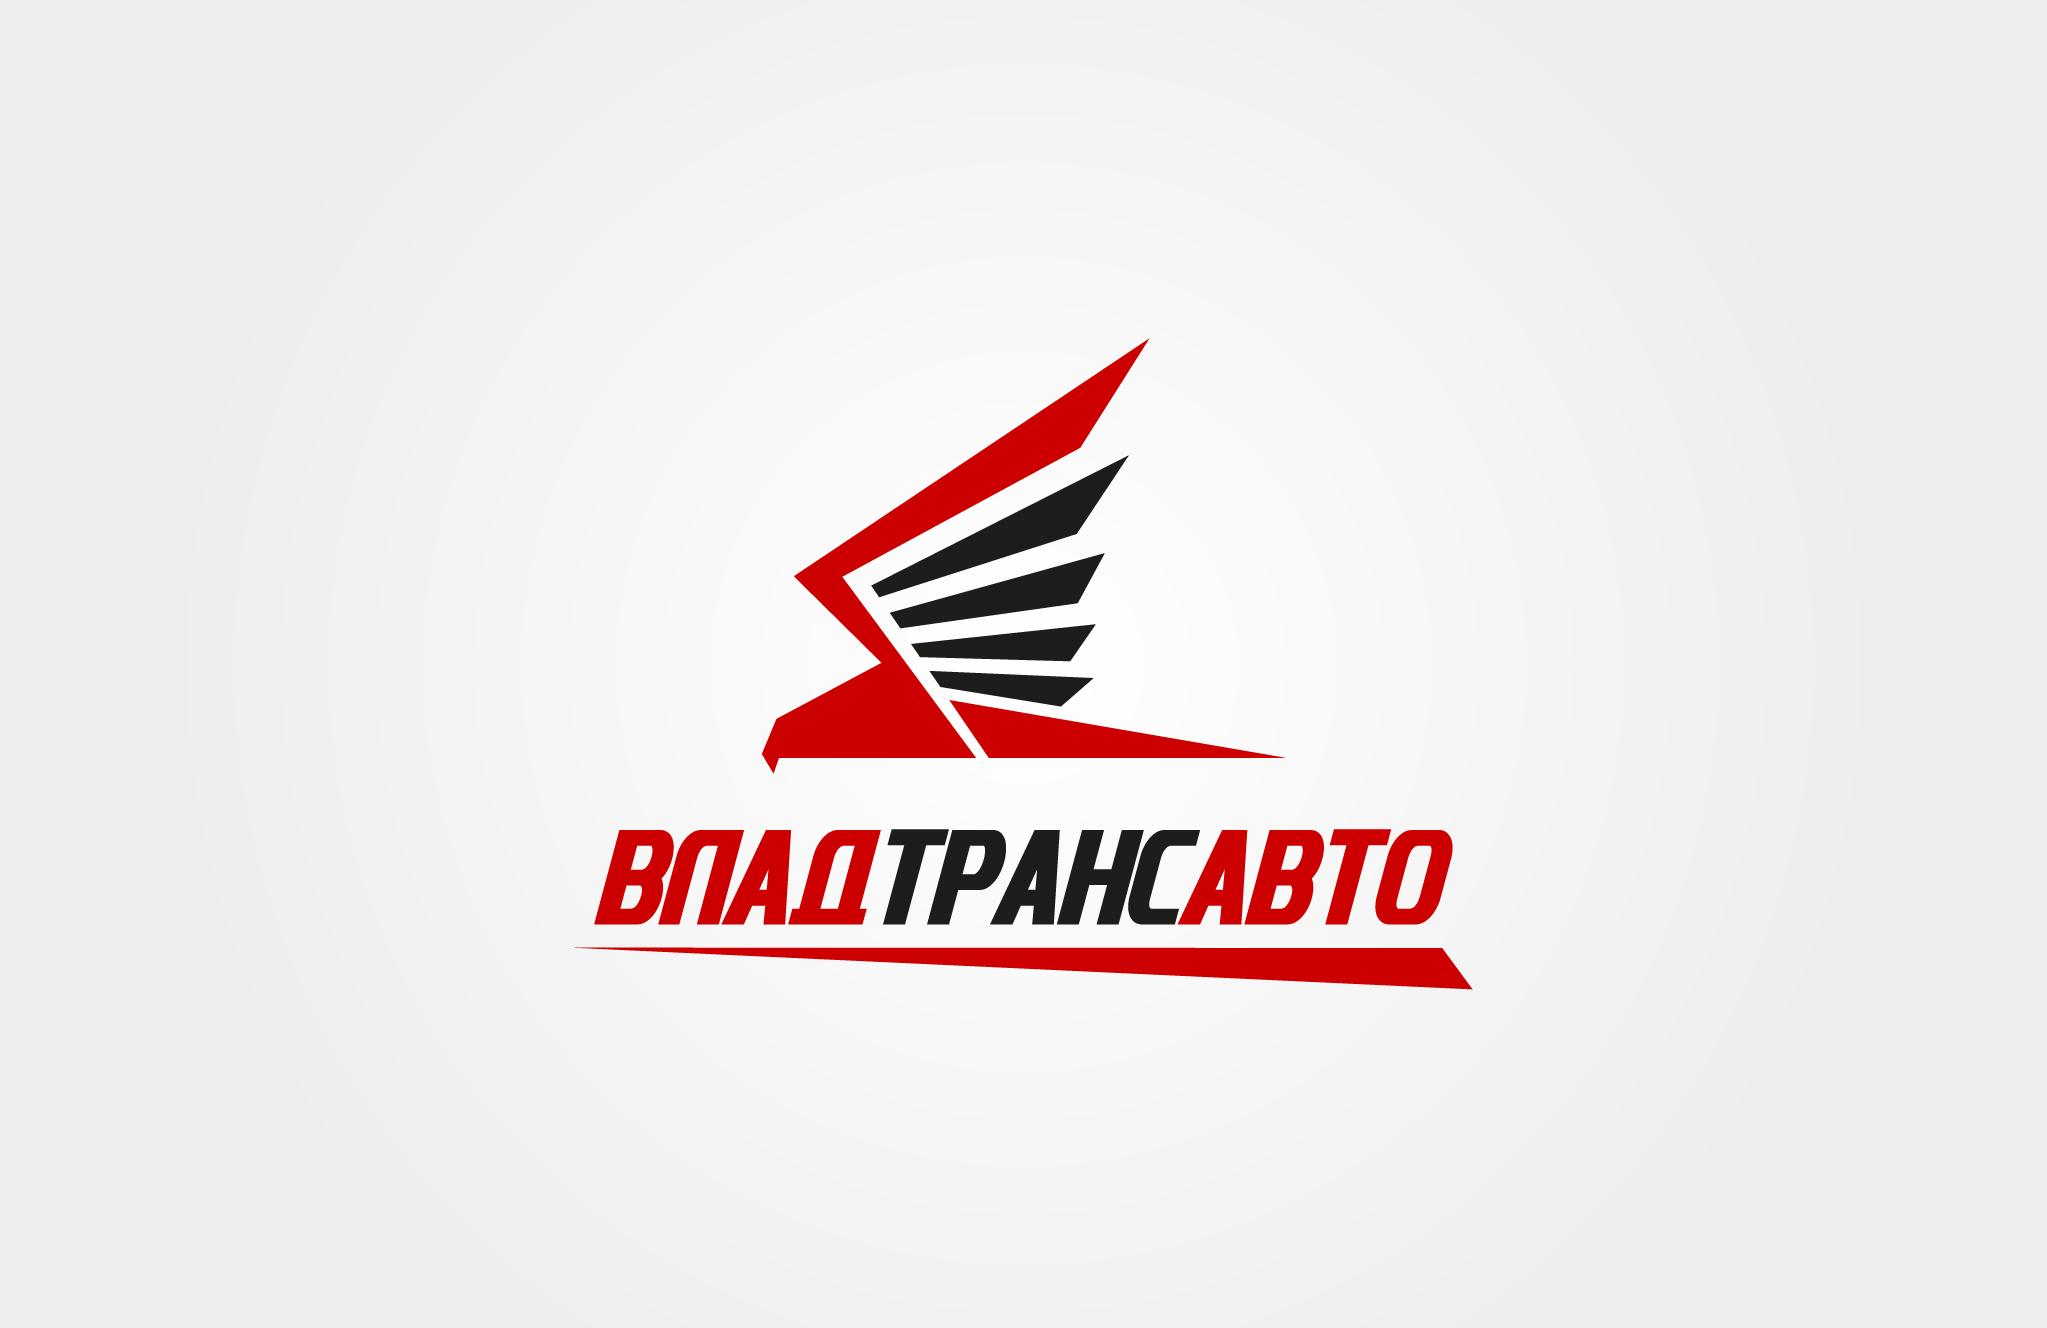 Логотип и фирменный стиль для транспортной компании Владтрансавто фото f_9555cdcfc54c2946.jpg